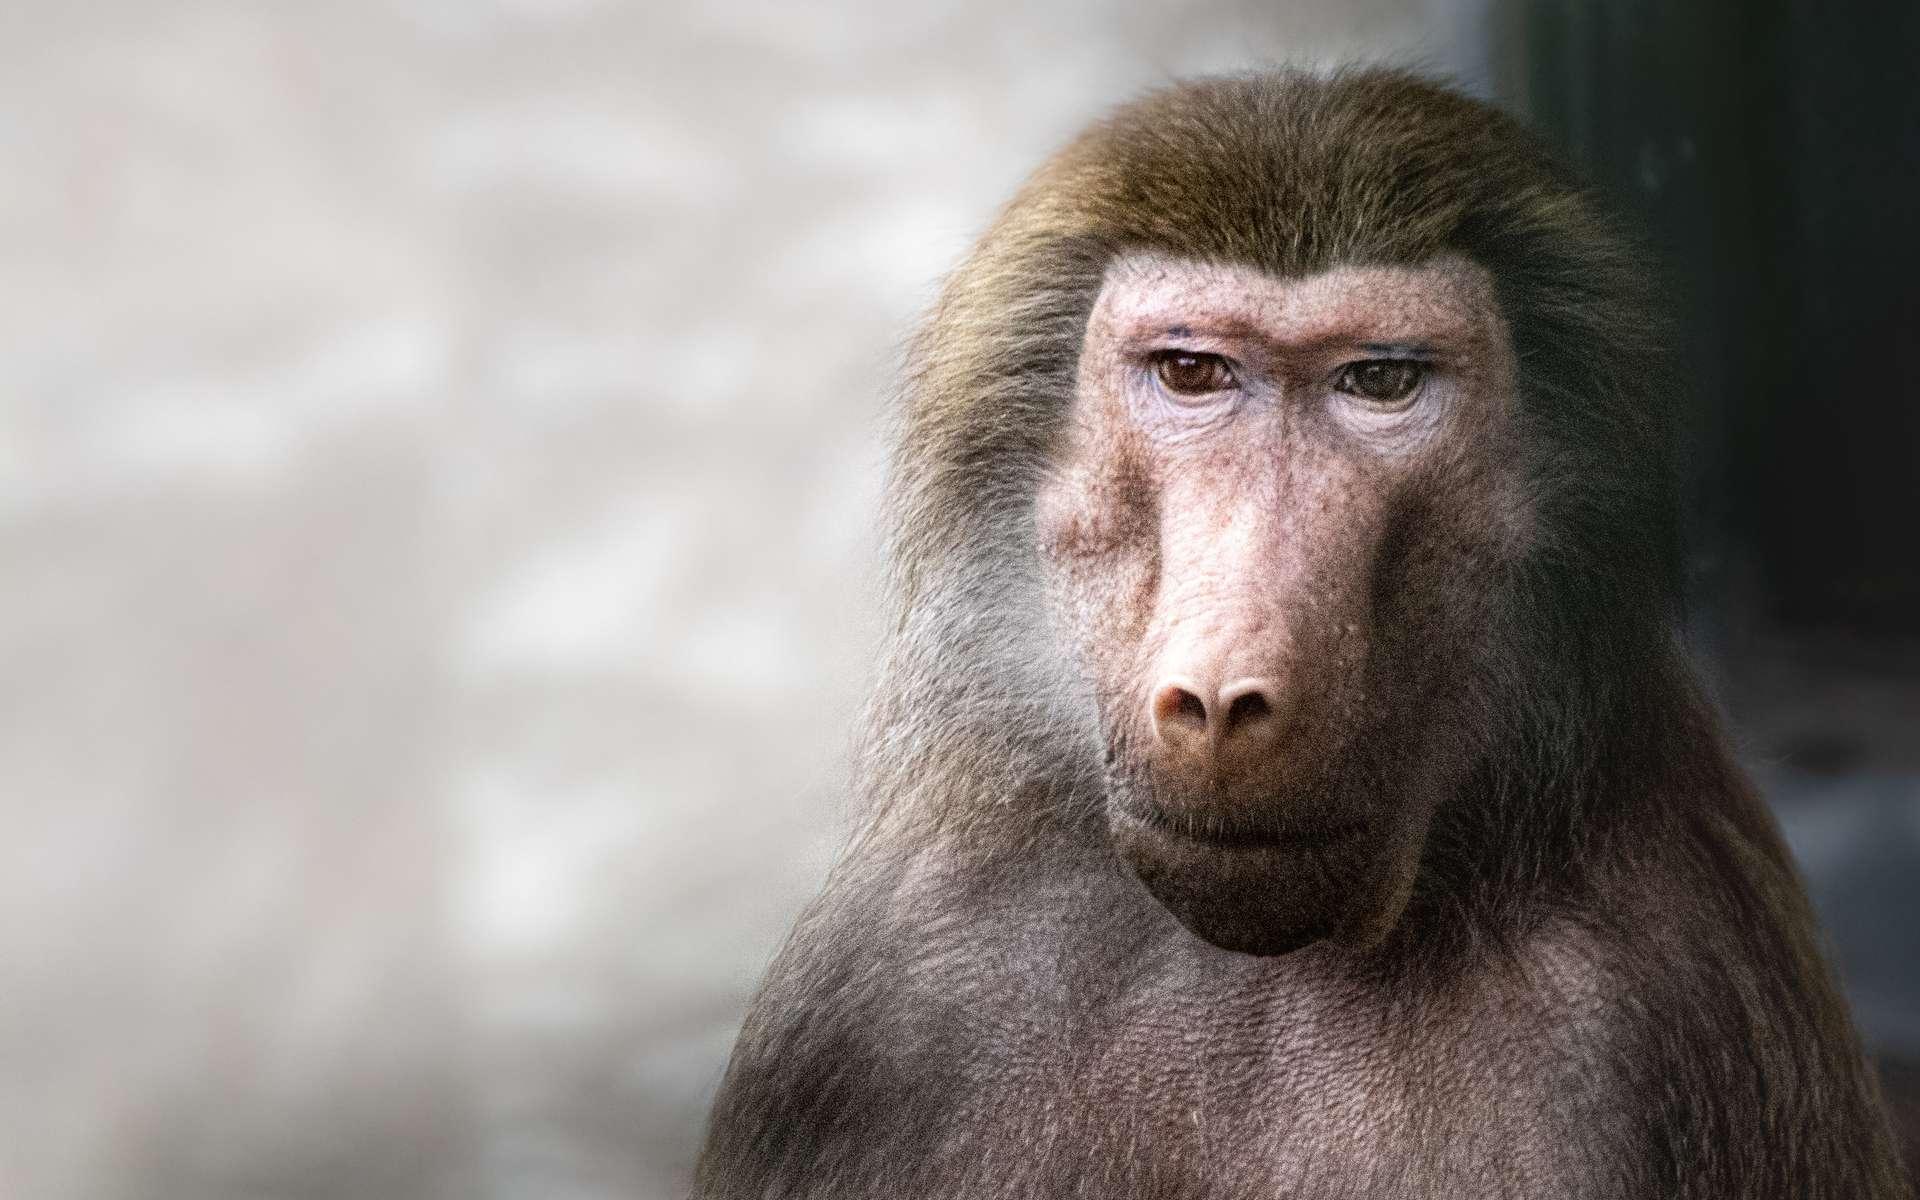 Les mères babouins pourraient ressentir le deuil ou un sentiment équivalent. © Ralph Lear, Adobe Stock